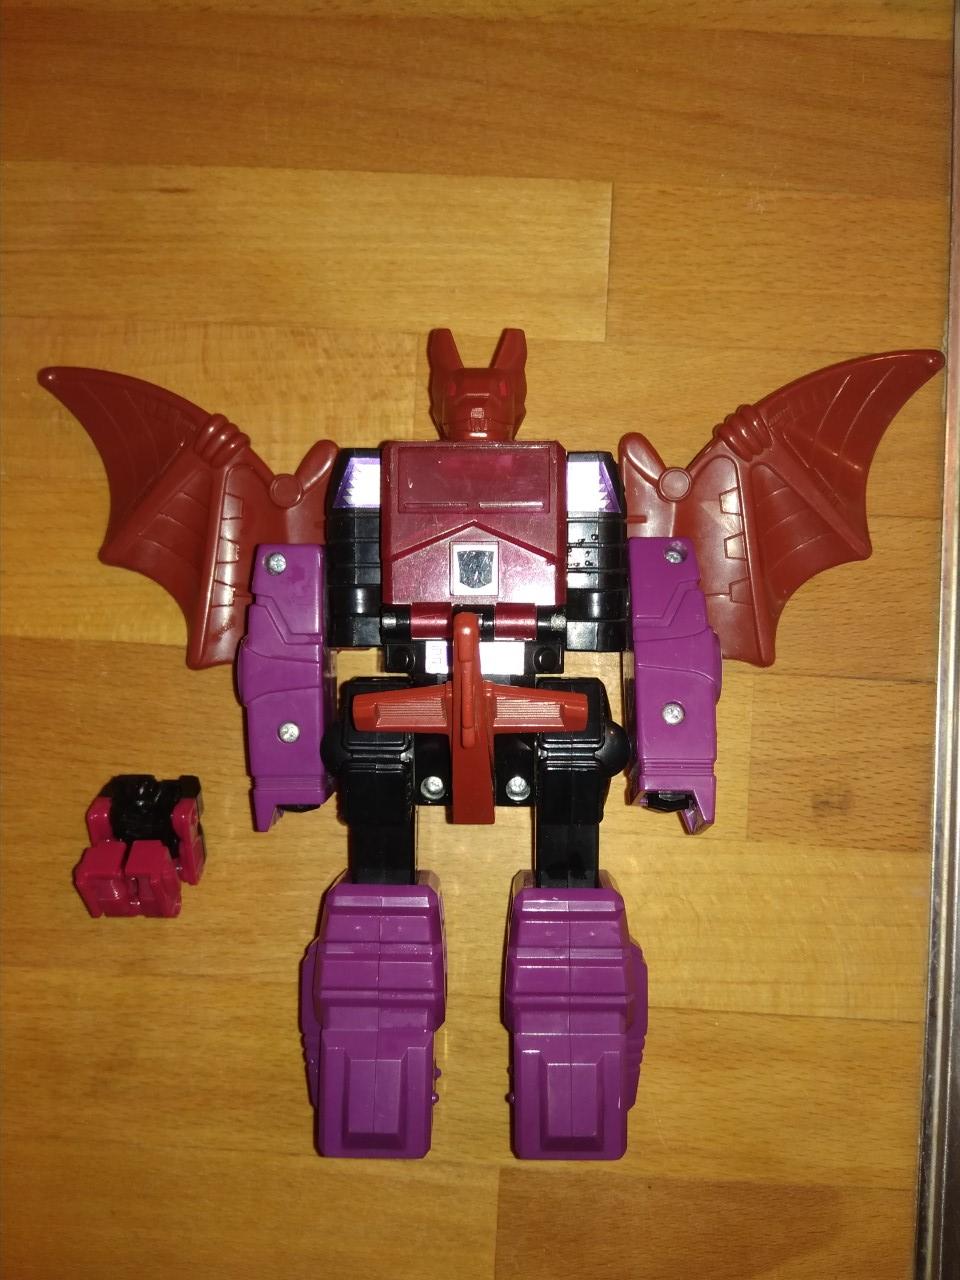 [Vds] Figurine Transformers Mindwipe années 1987 : 30 eur Thumbn10